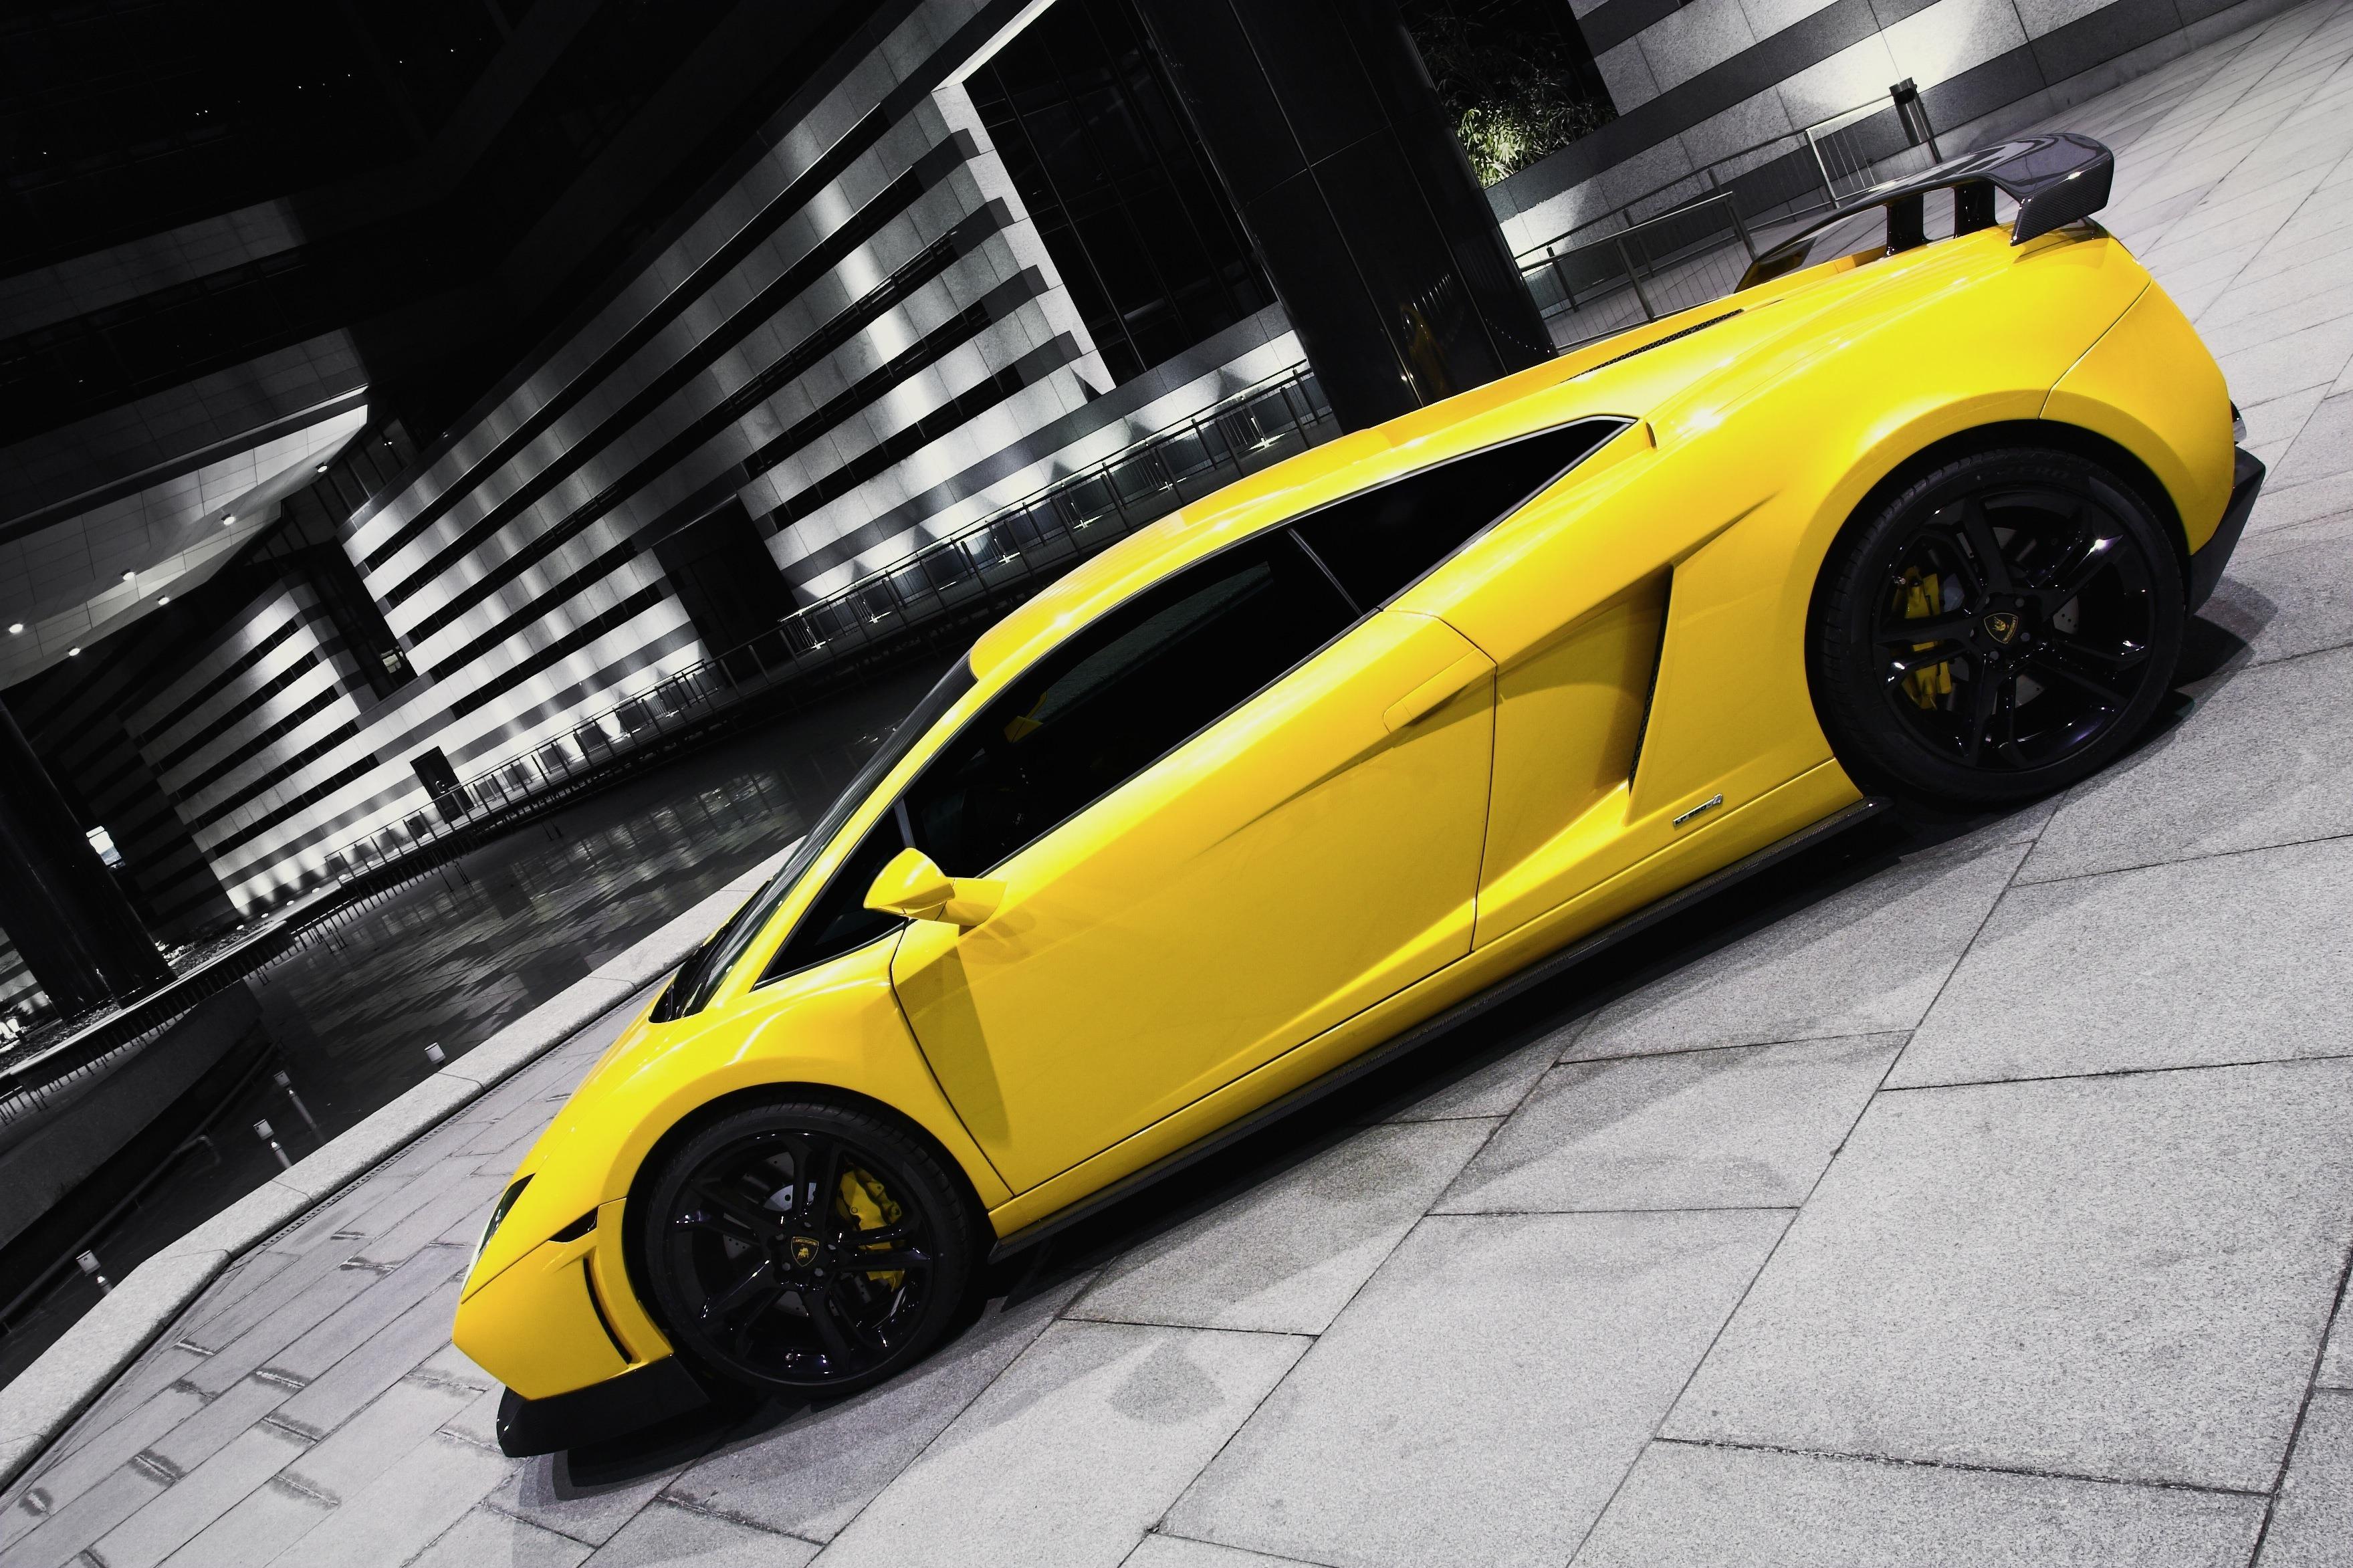 автомобиль желтый car yellow  № 546978 загрузить